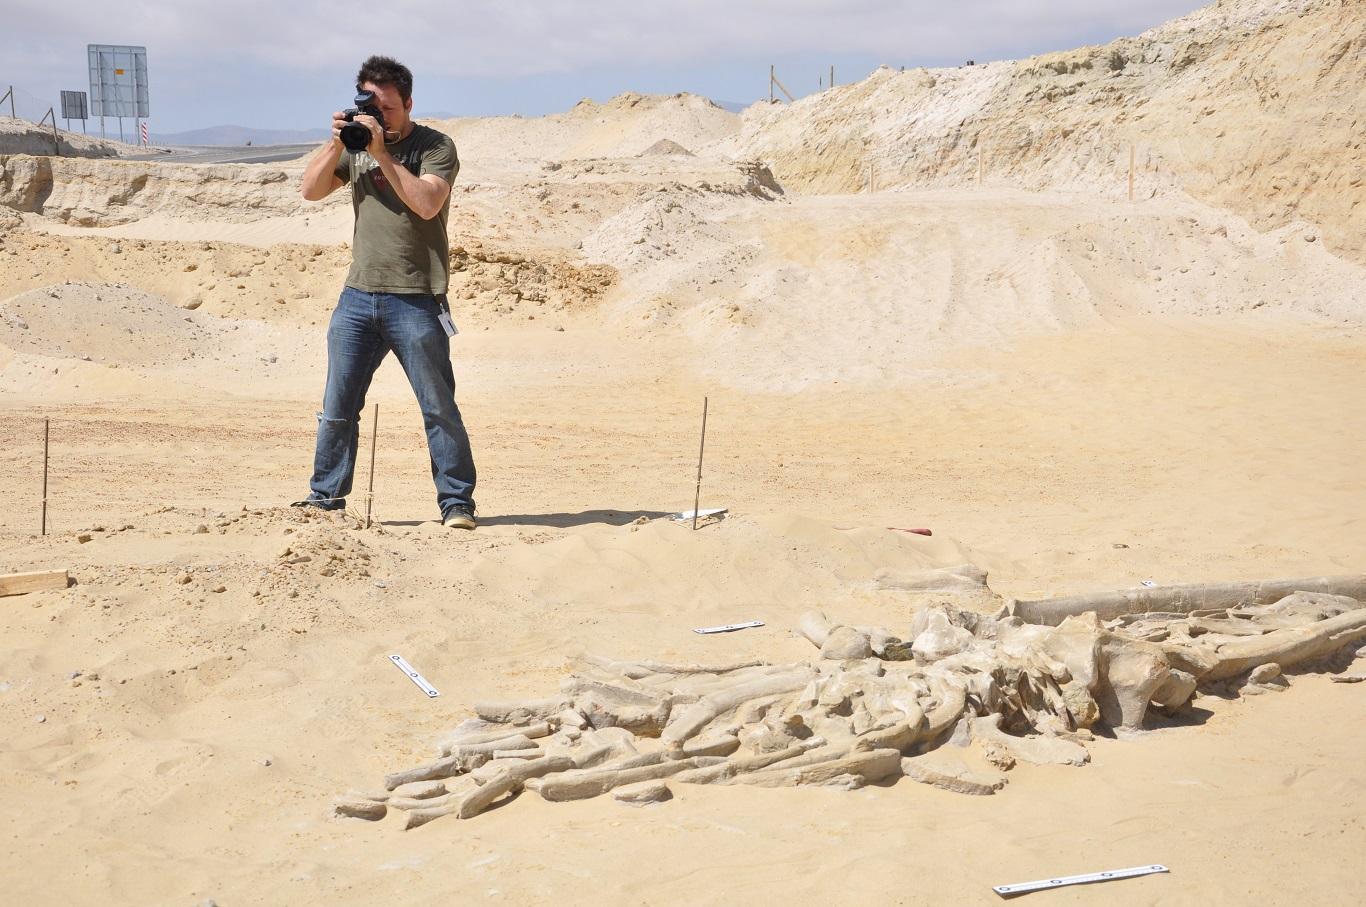 Fotógrafo tomando fotografías de fósiles en el desierto